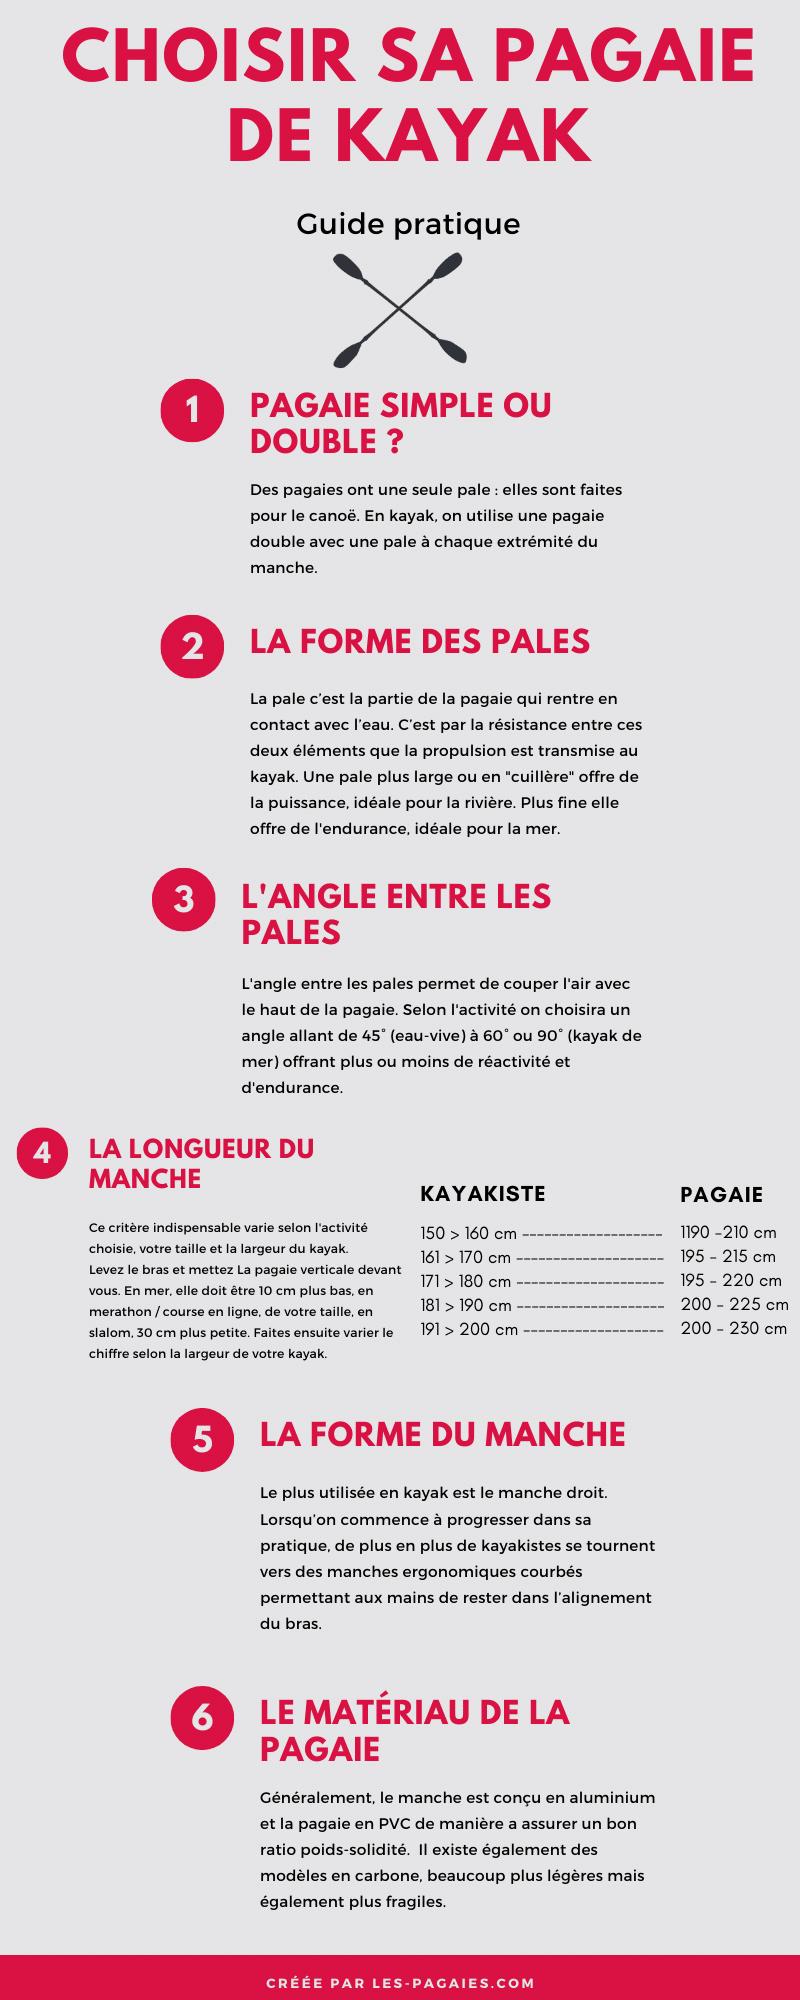 infographie choisir sa pagaie kayak